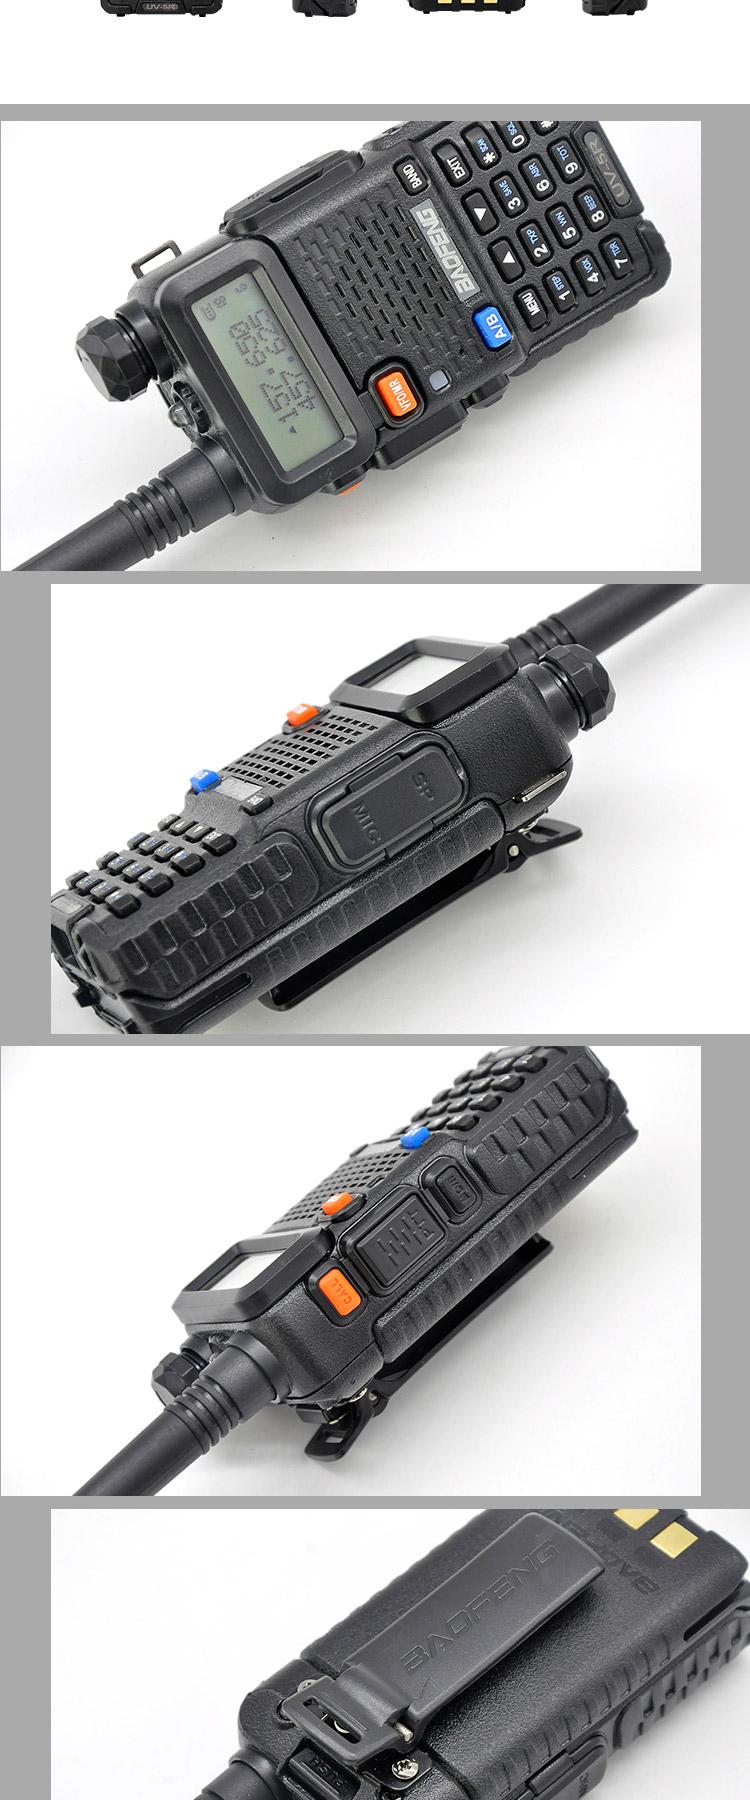 सबसे अच्छा बेच baofeng यूवी 5r रेडियो hf यूएचएफ वीएचएफ baofeng uv-5r असली 8w 2way रेडियो